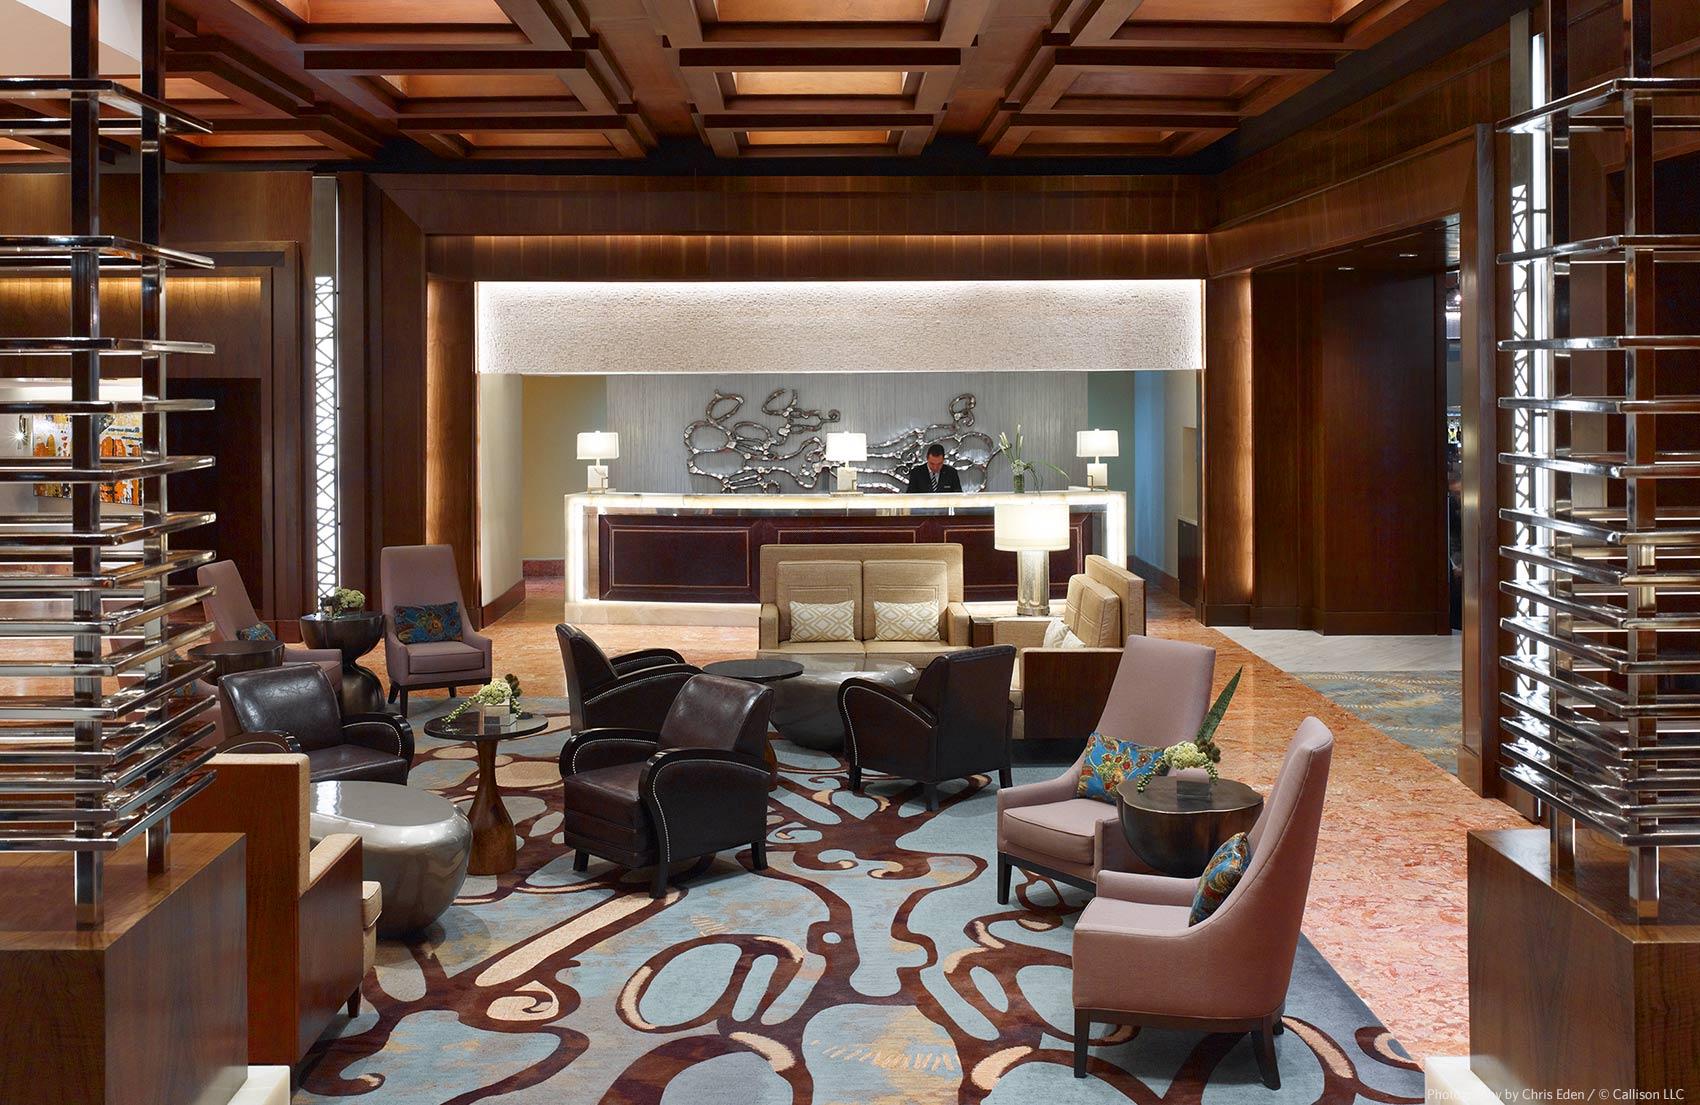 JW Marriott, Mexico City - Lobby interior